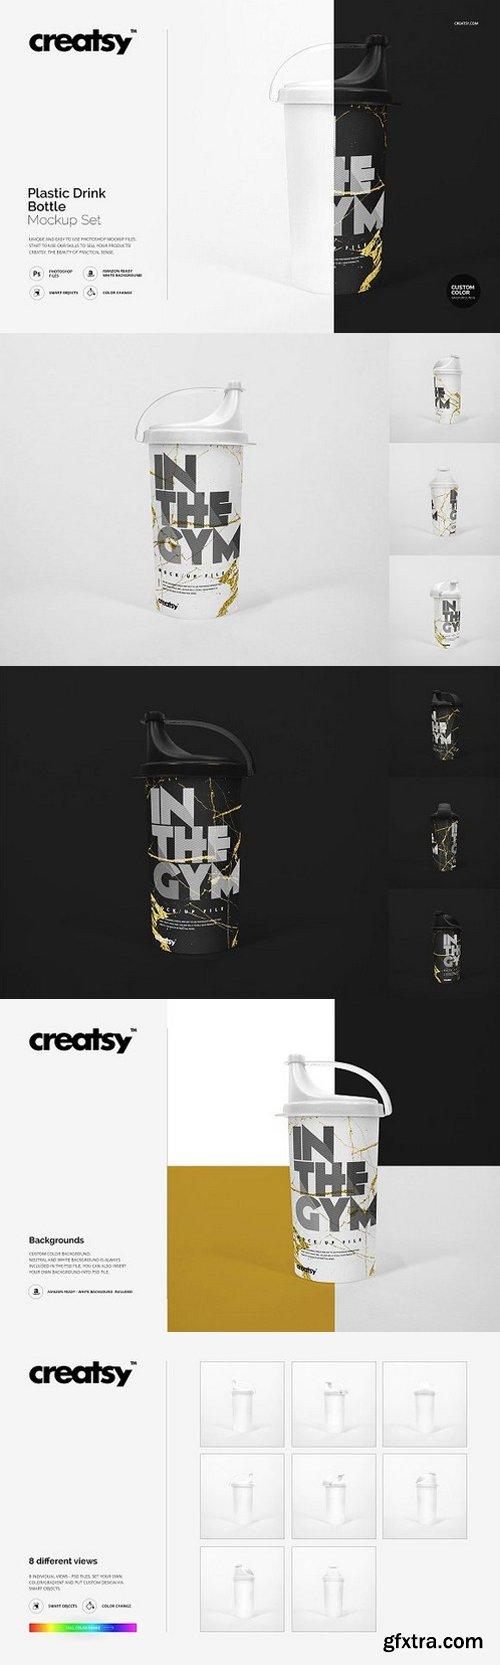 CM - Plastic Drink Bottle Mockup Set 1146589